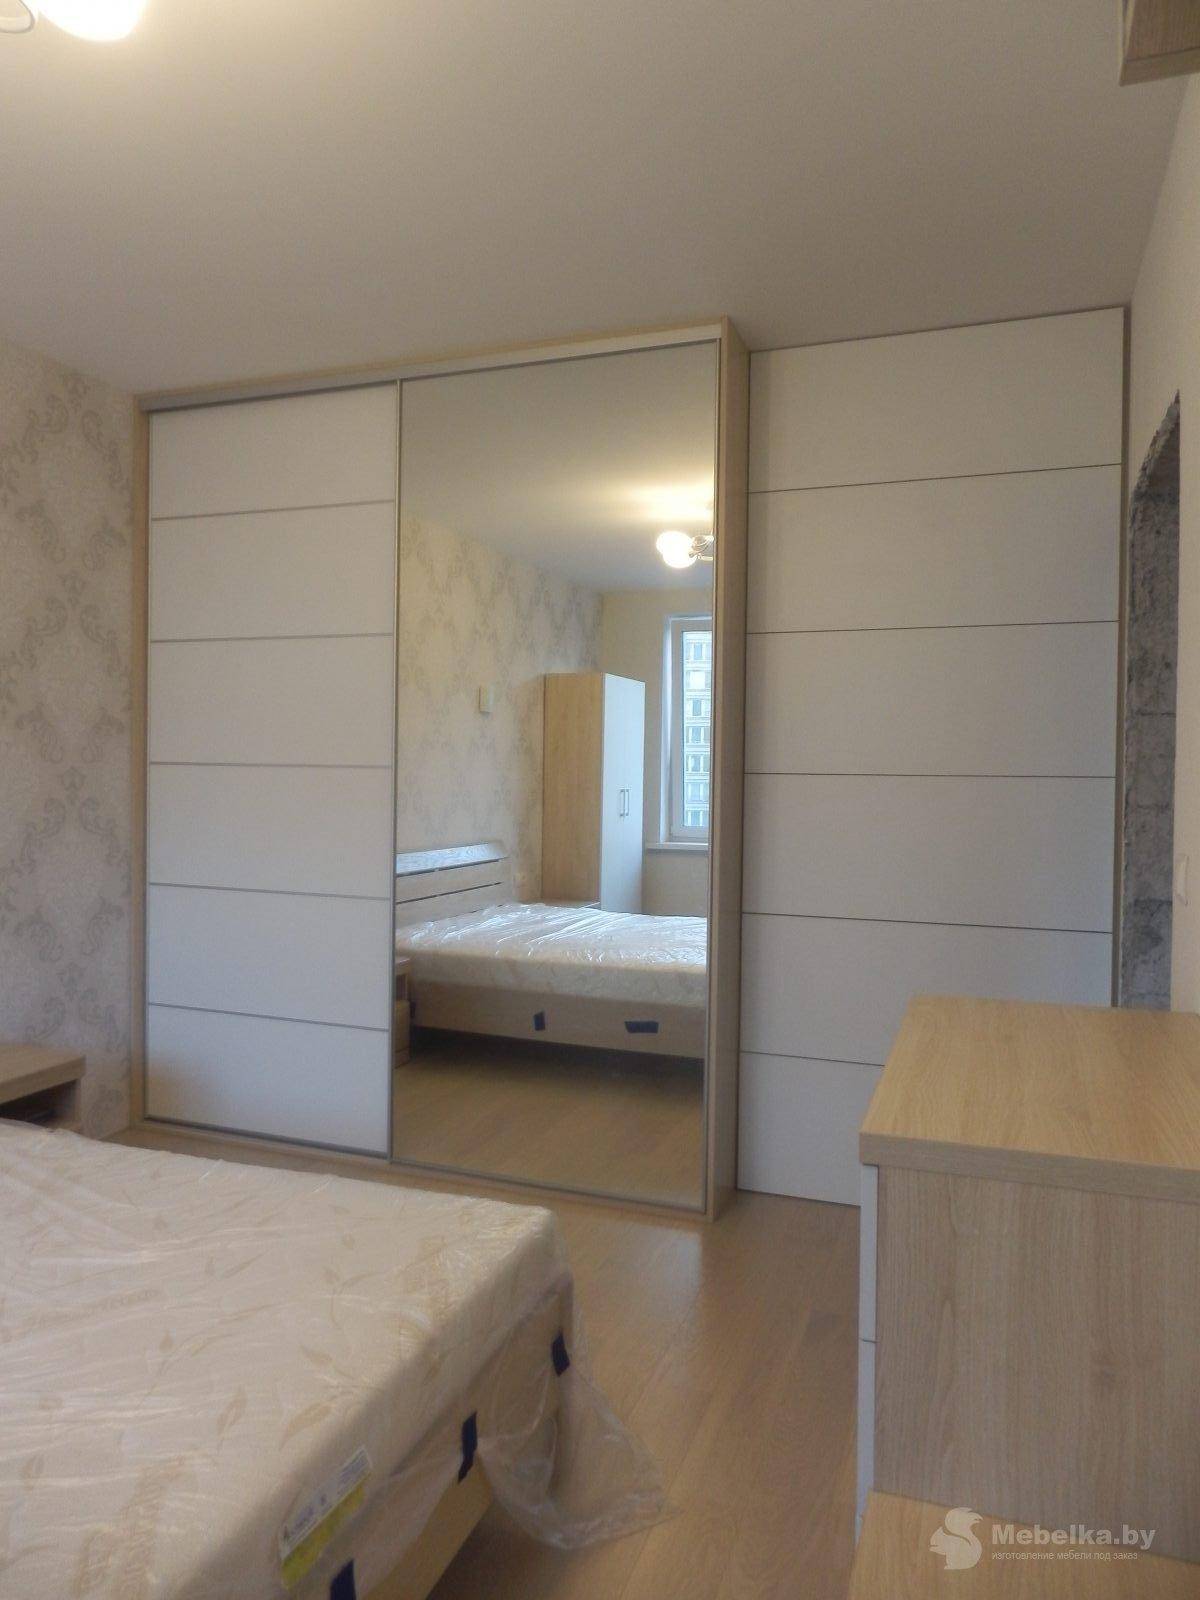 Шкаф-купе белый с зеркалом в спальне вид 2